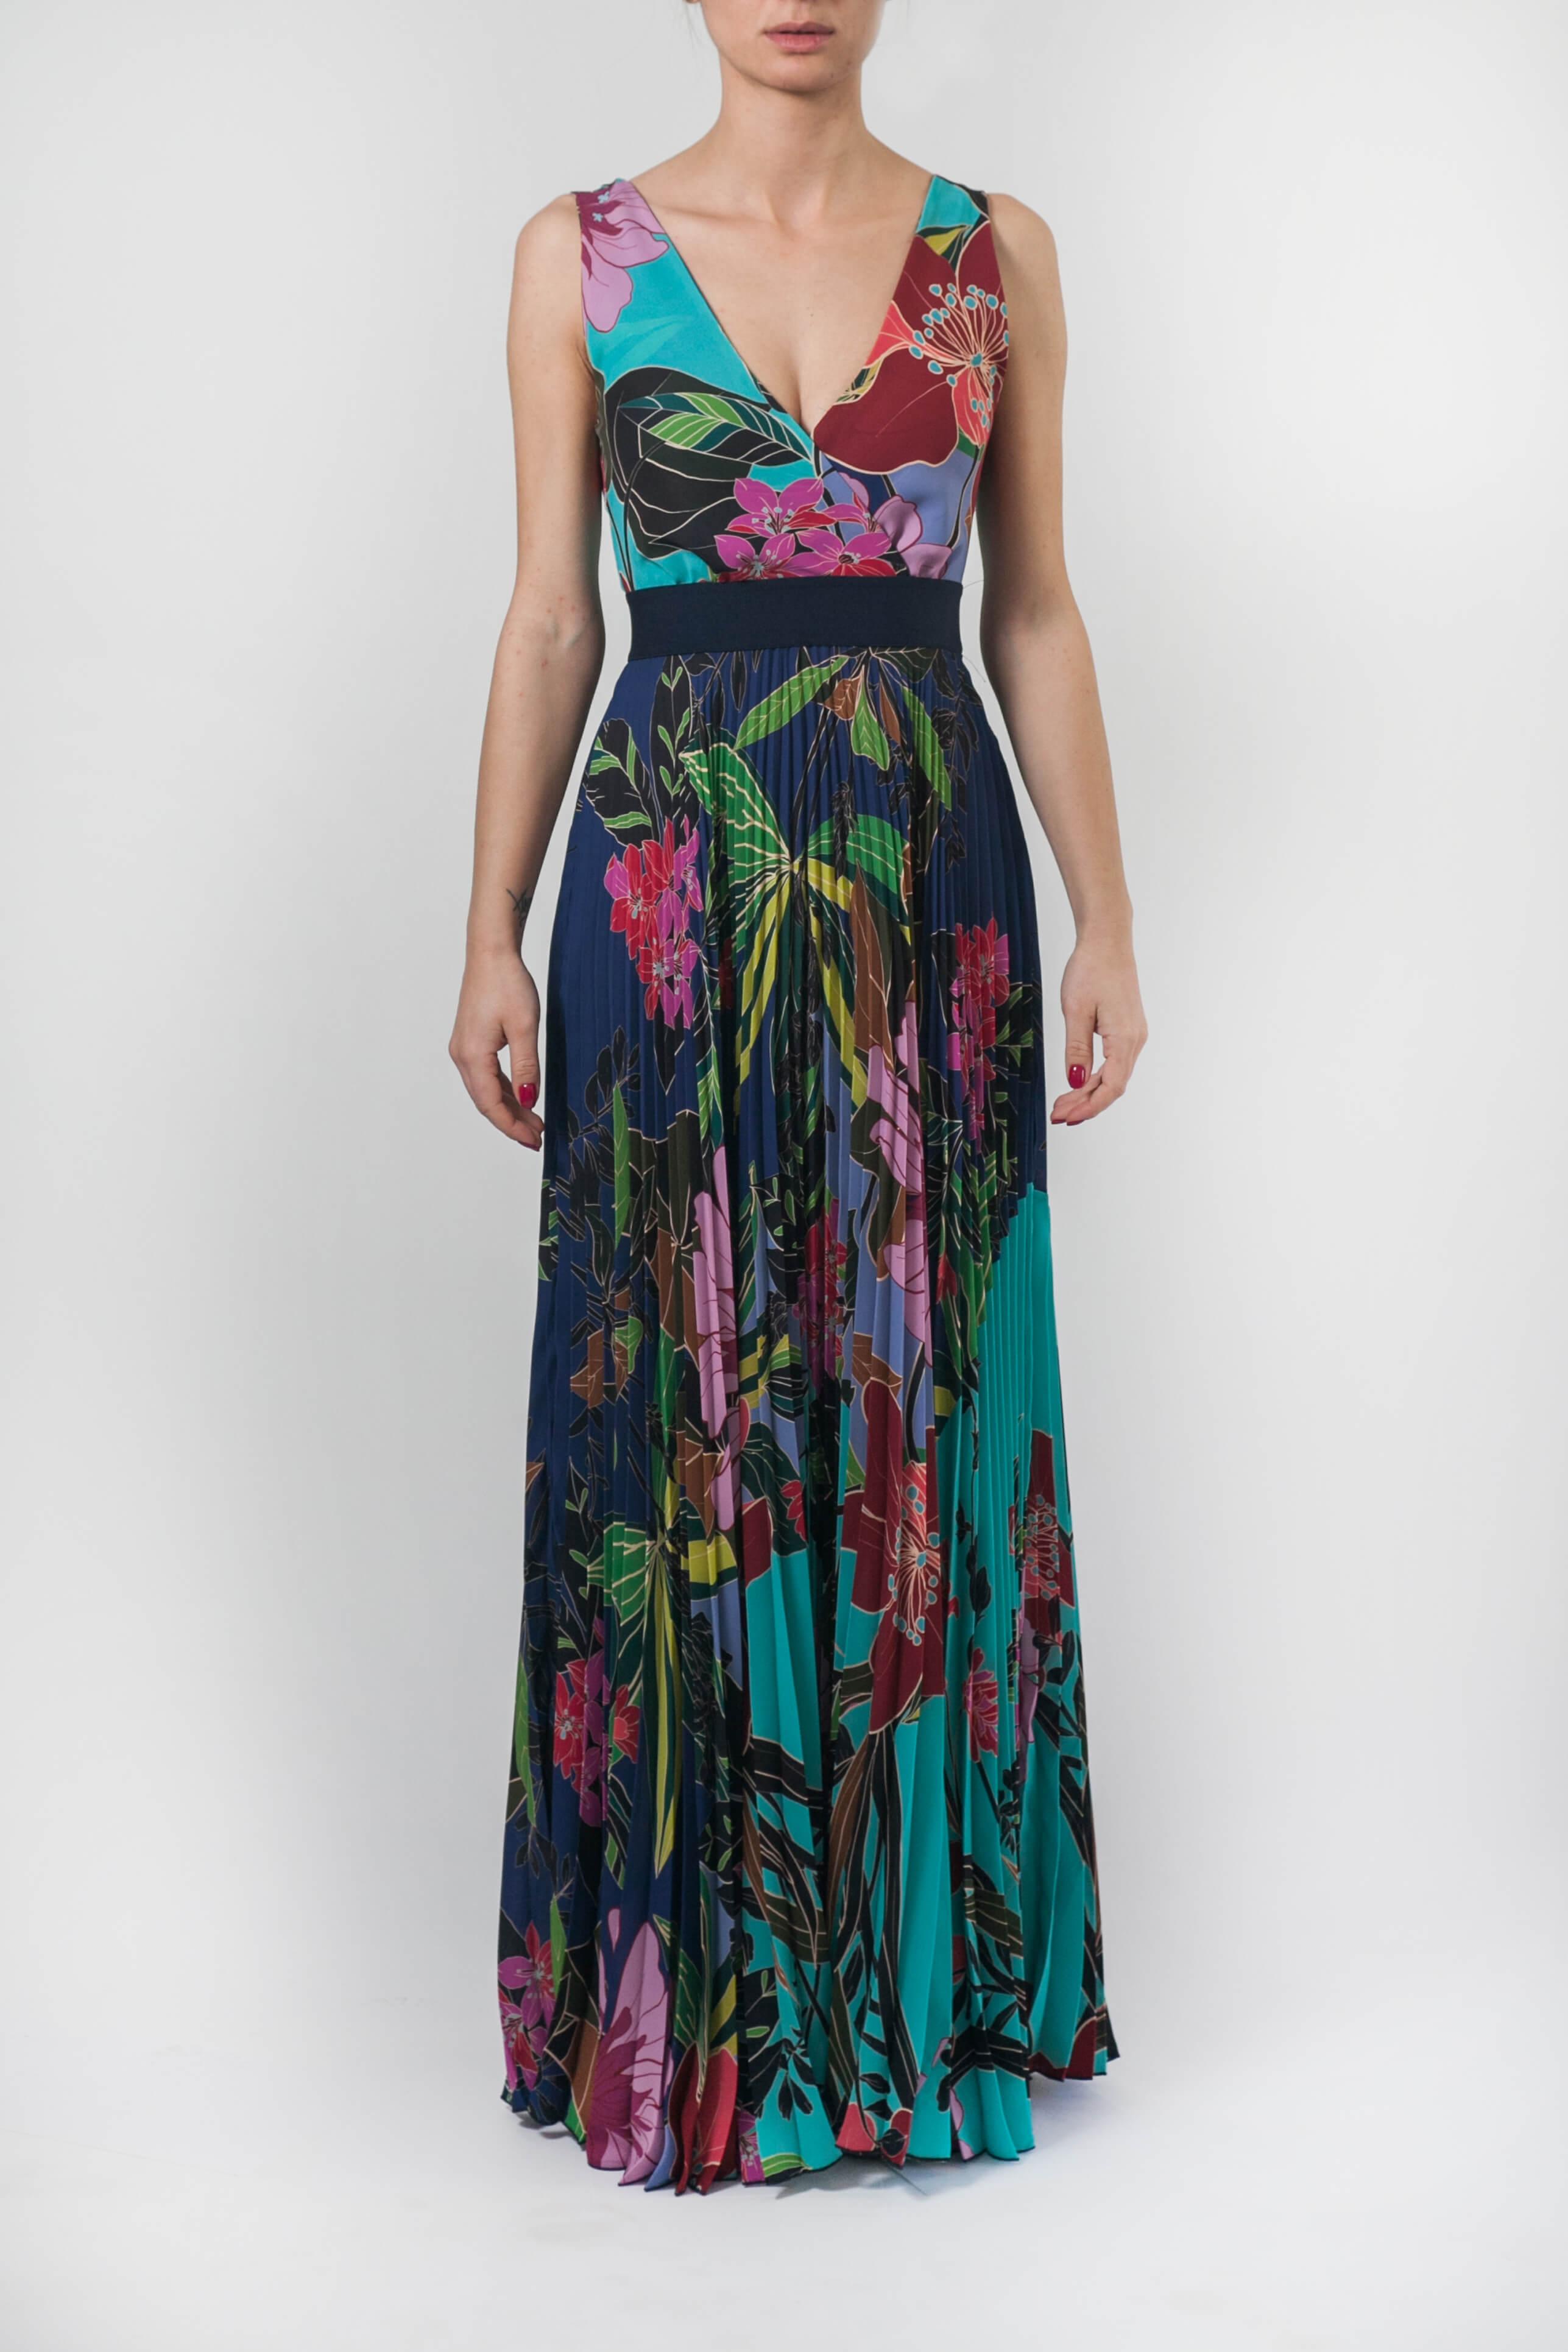 designer fashion aa669 6bedc Abito con fiori – Nouvelle Vogue